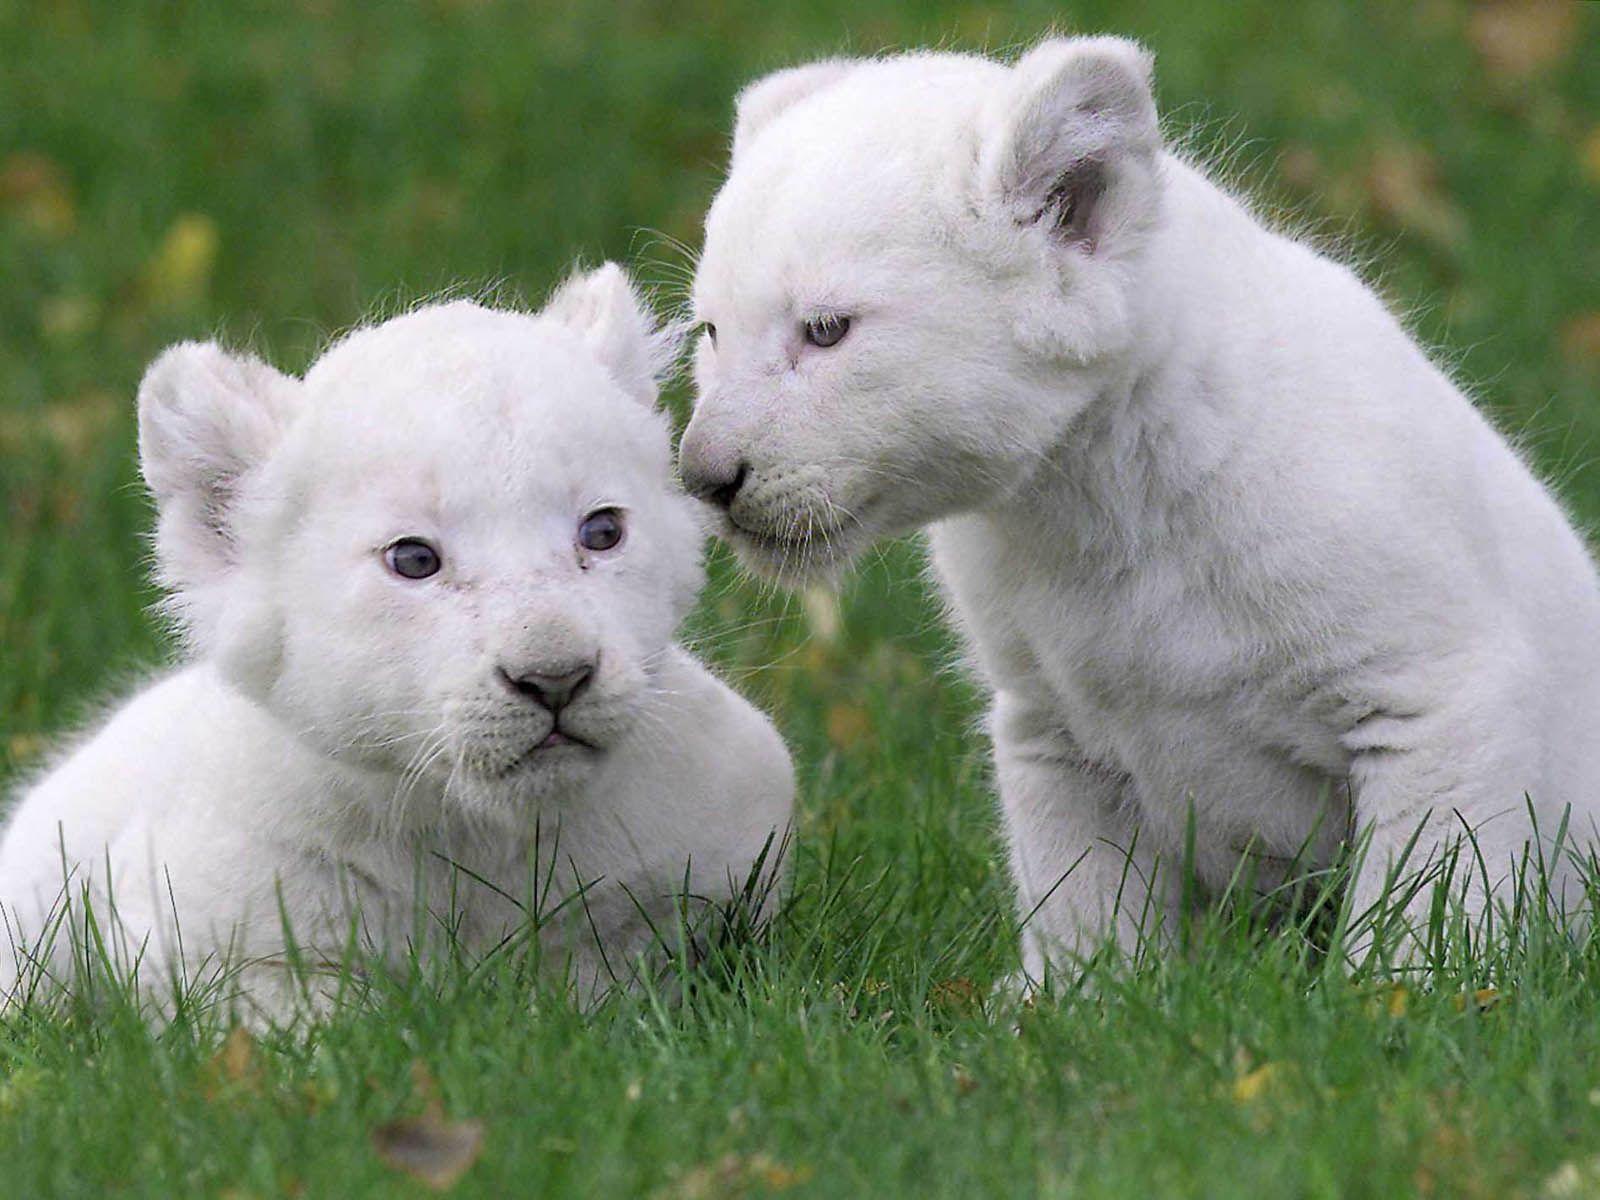 white lion picture | Baby White Lion Picture 2 | white ... - photo#12